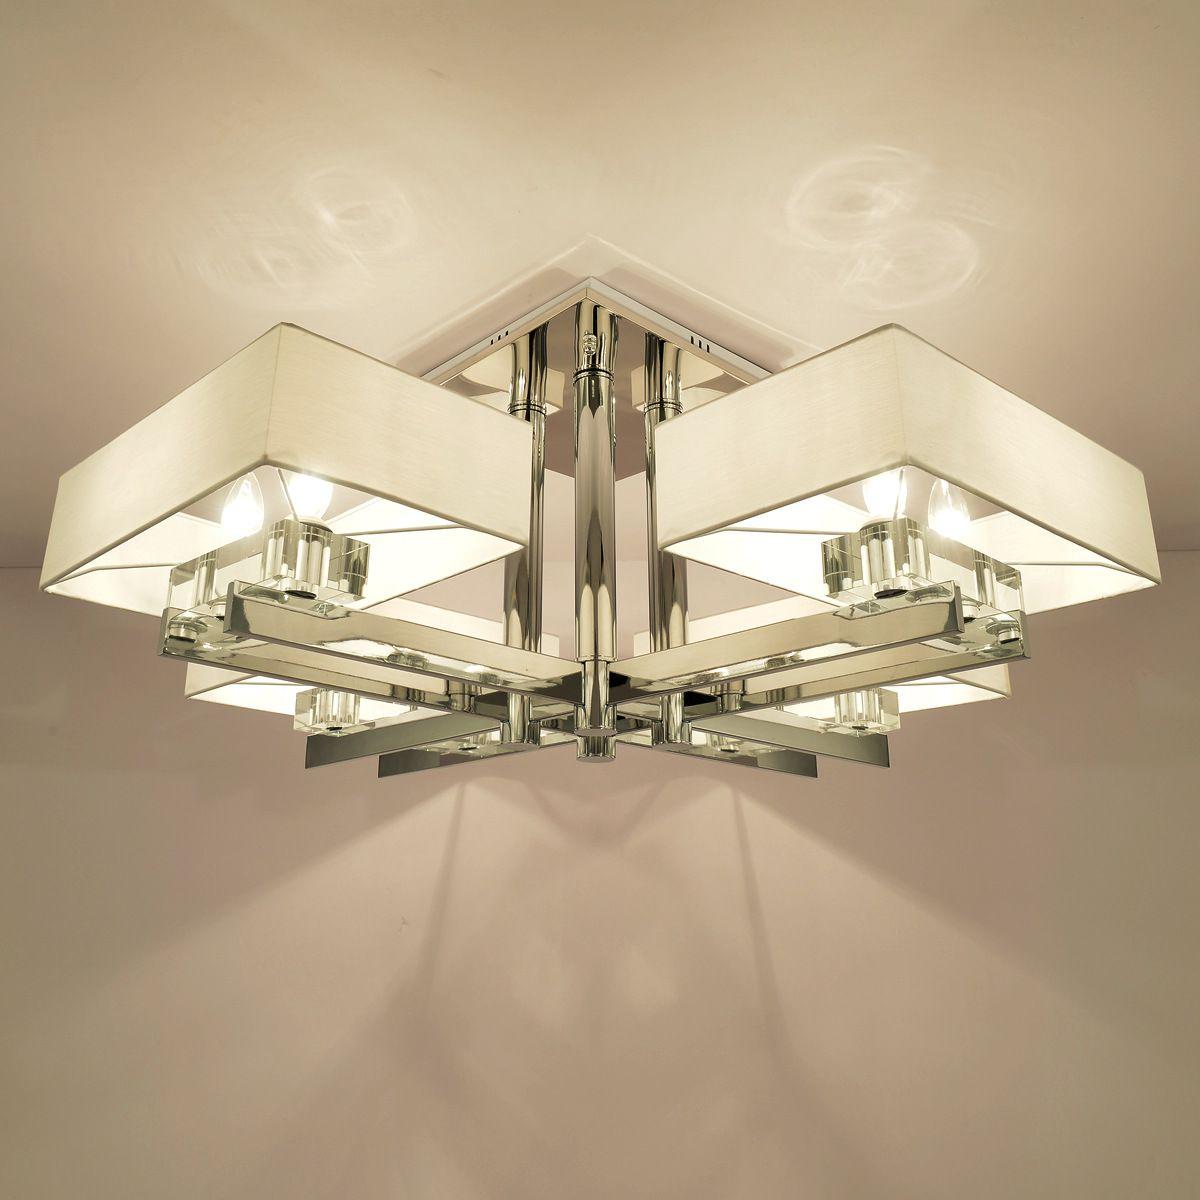 Eiceo) led woonkamer lamp moderne eenvoudige kristallen kroonluchter ...